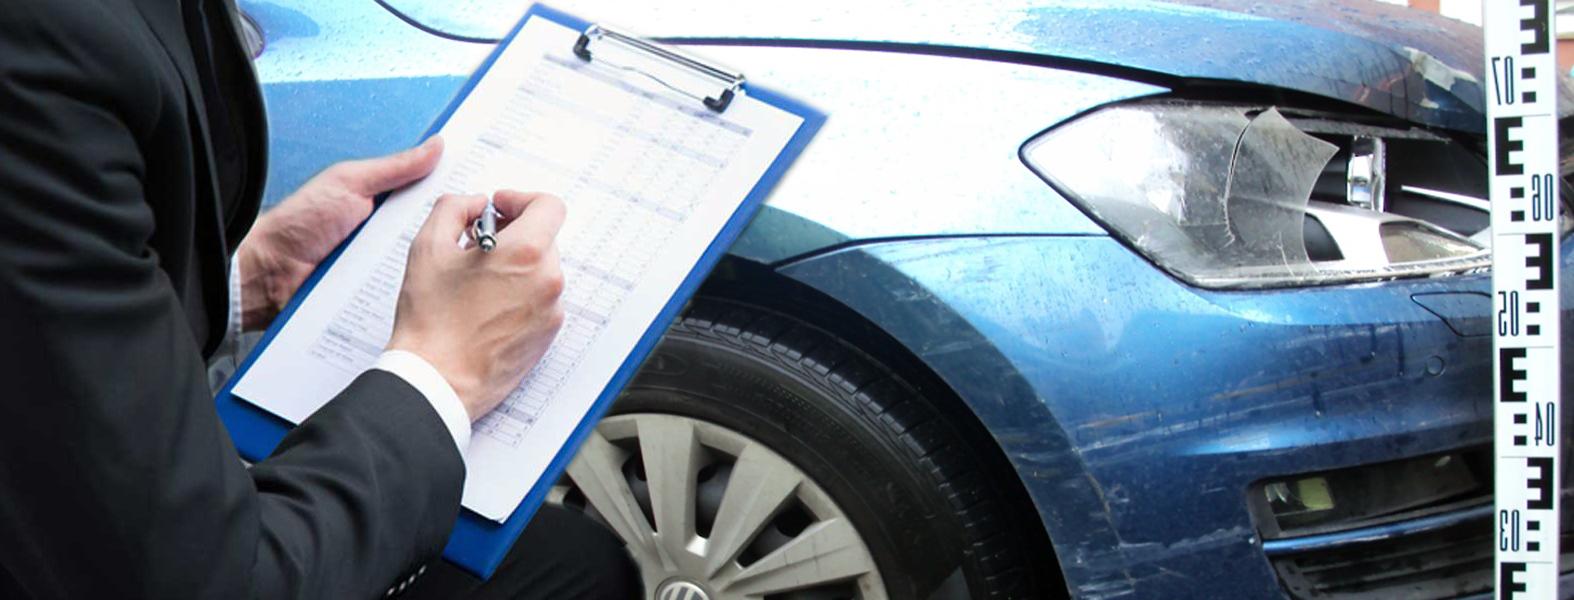 Как сделать независимую экспертизу автомобиля